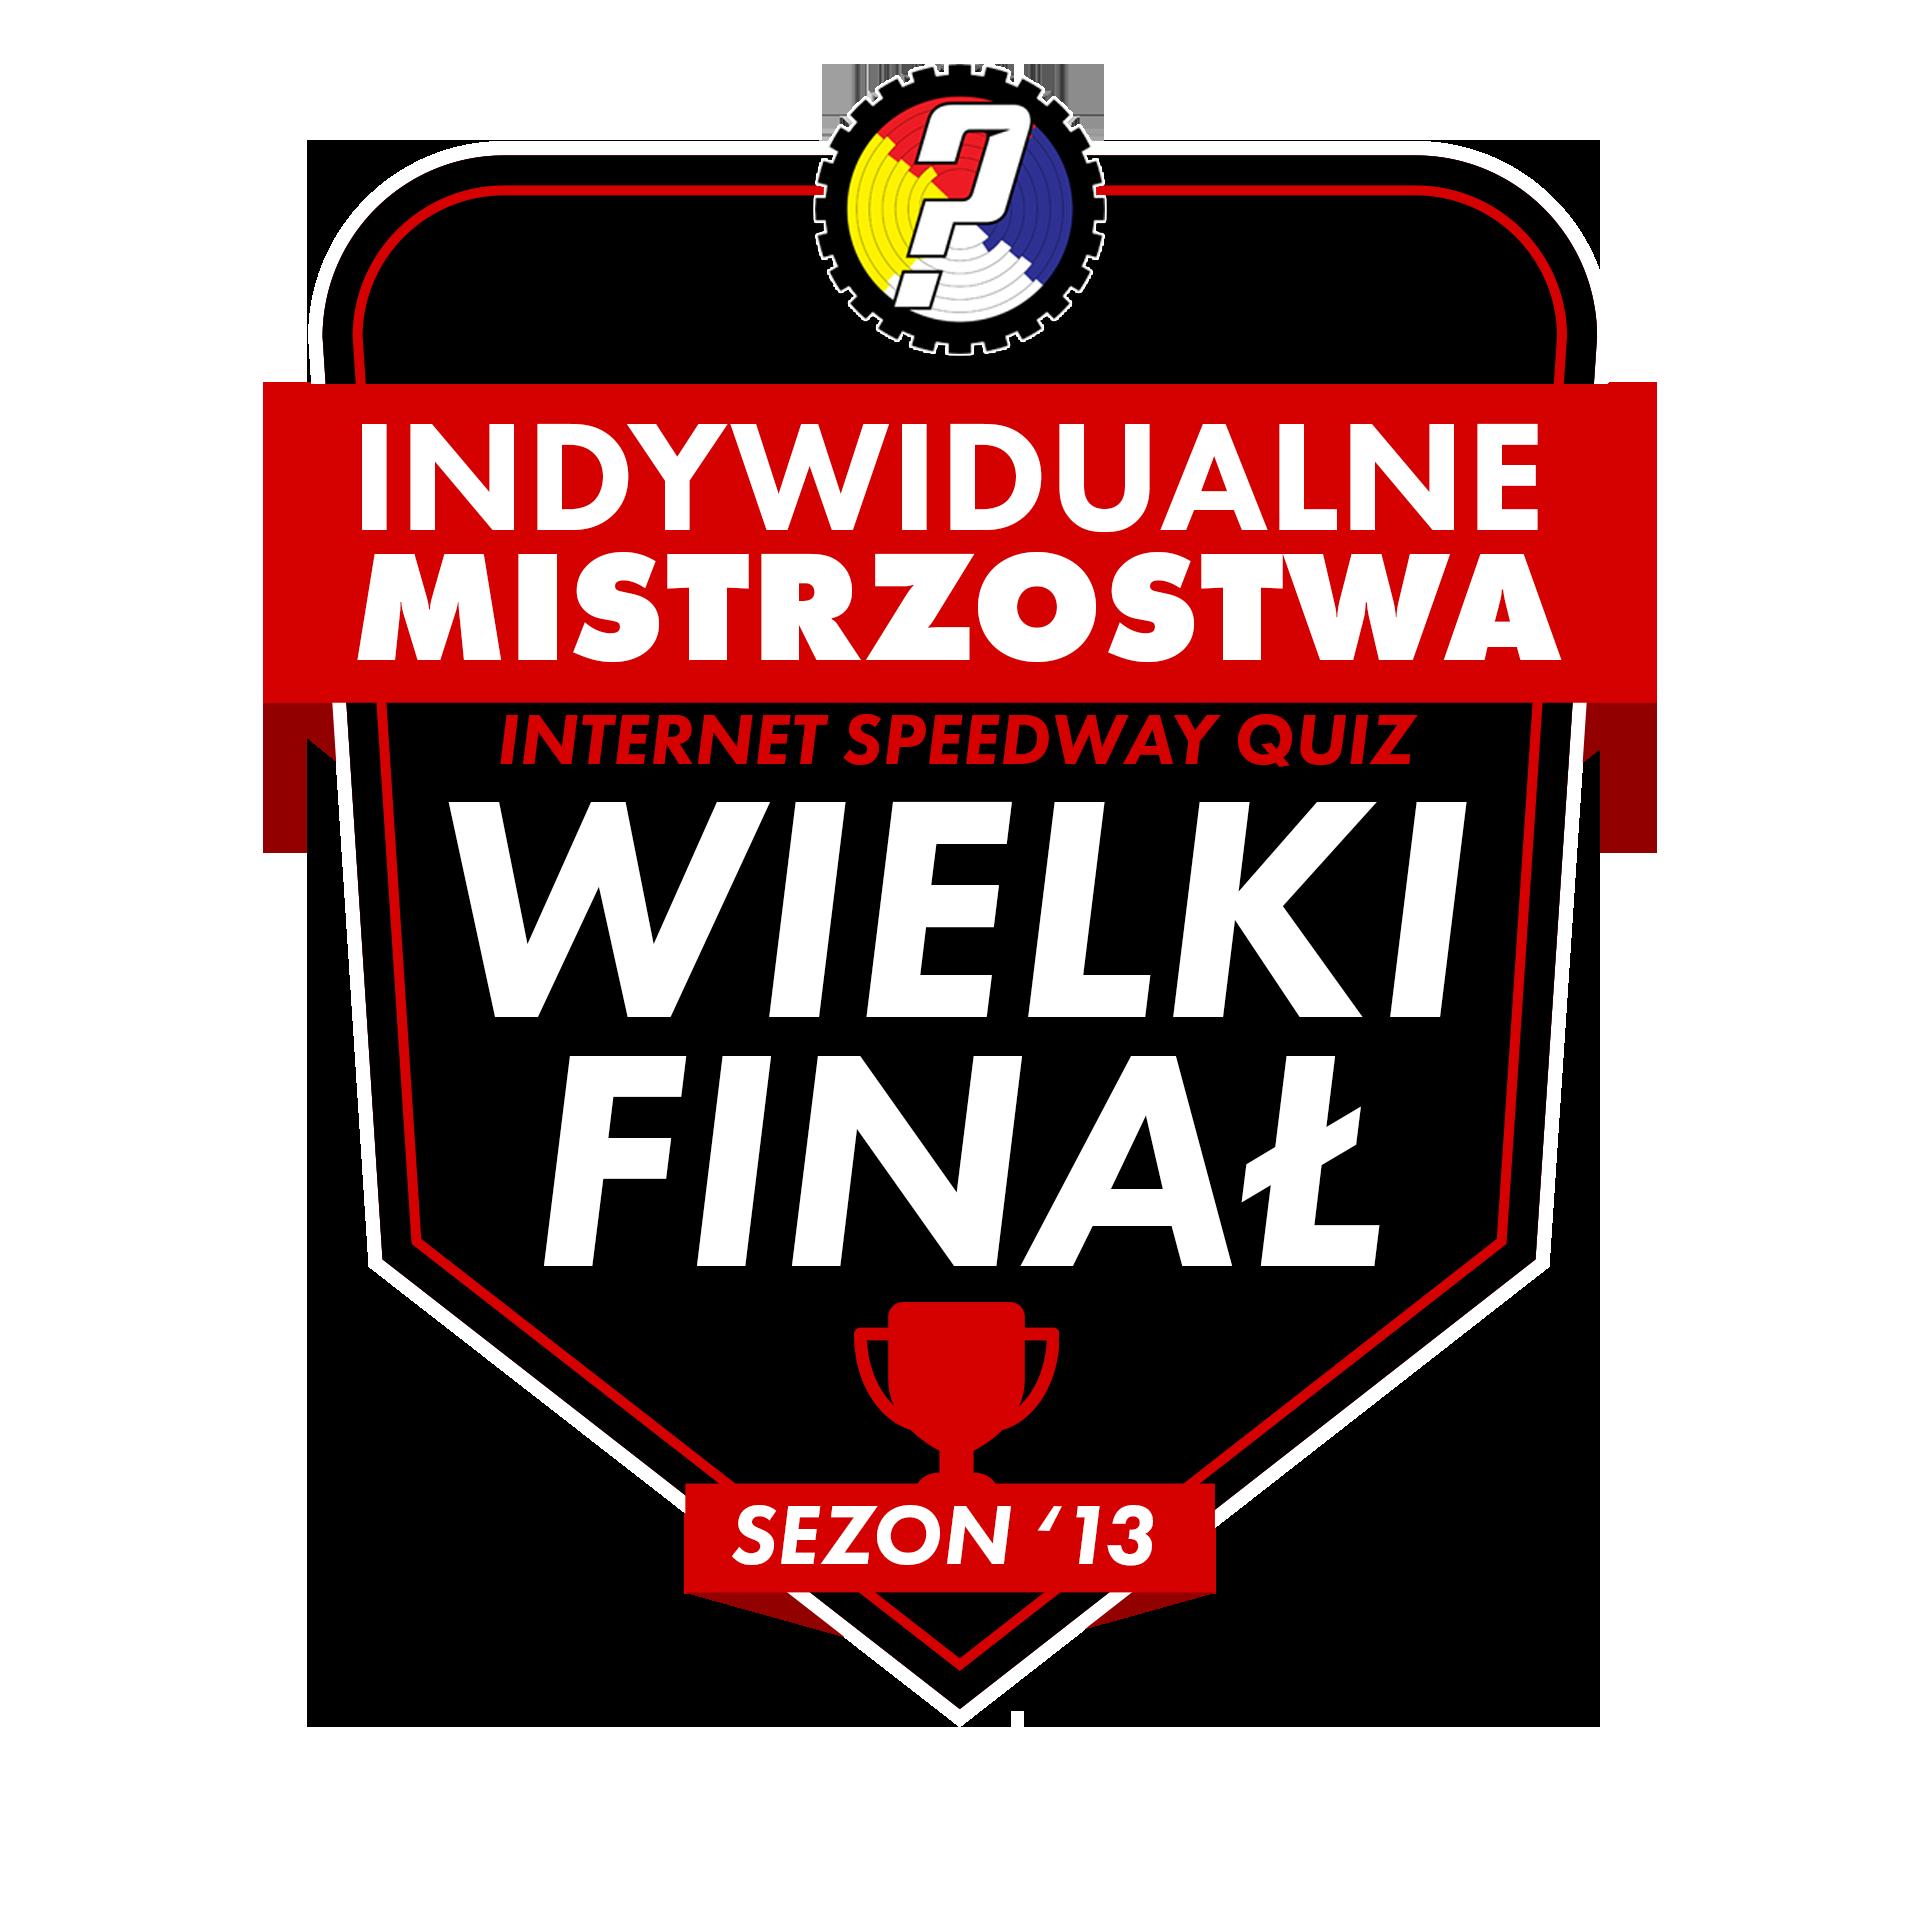 Znamy termin finału IM ISQ i program All Star Week!